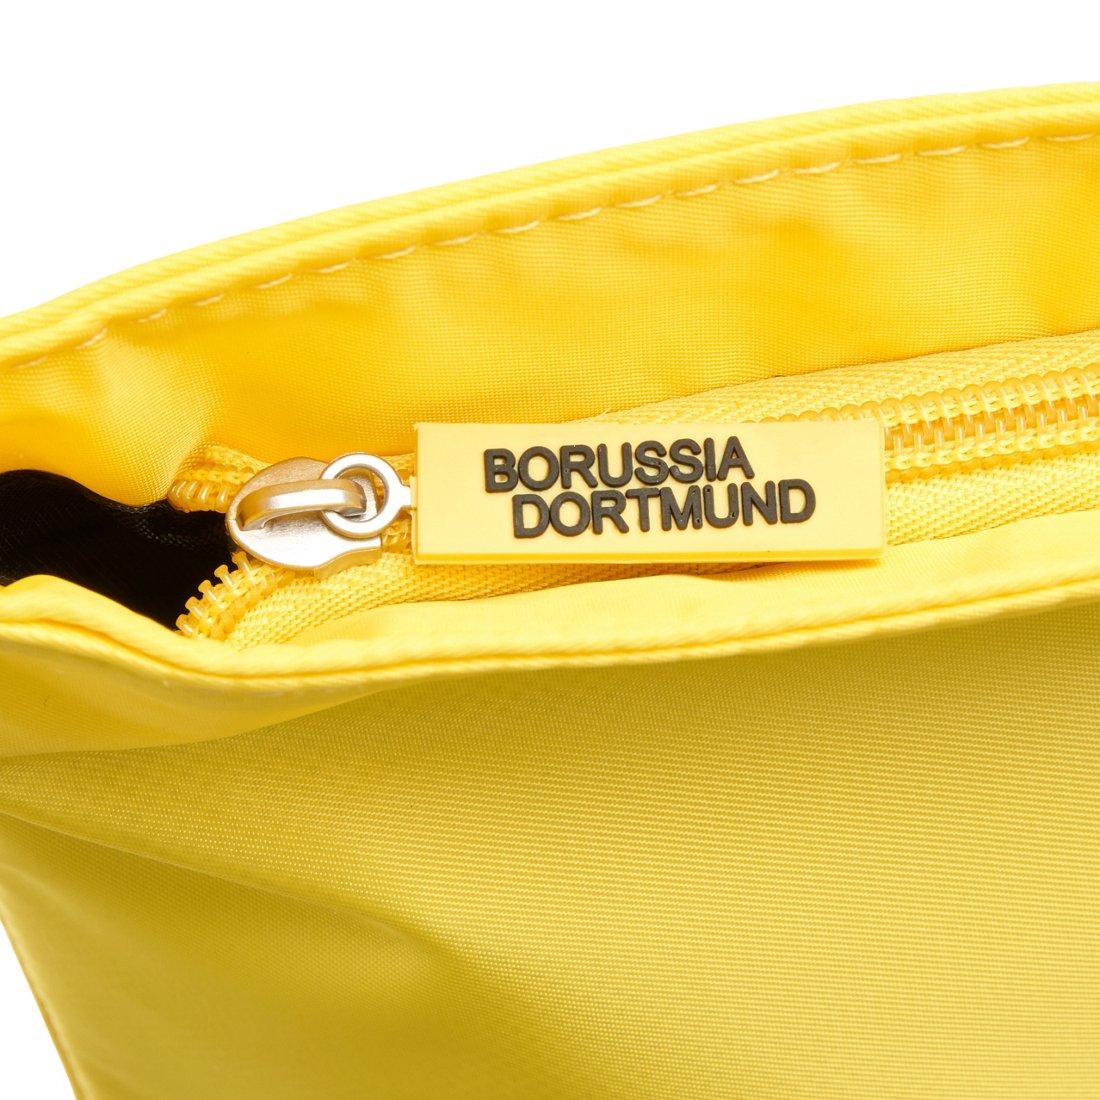 Mein Verein Borussia Dortmund Strandtasche 62 cm Borussia Dortmund